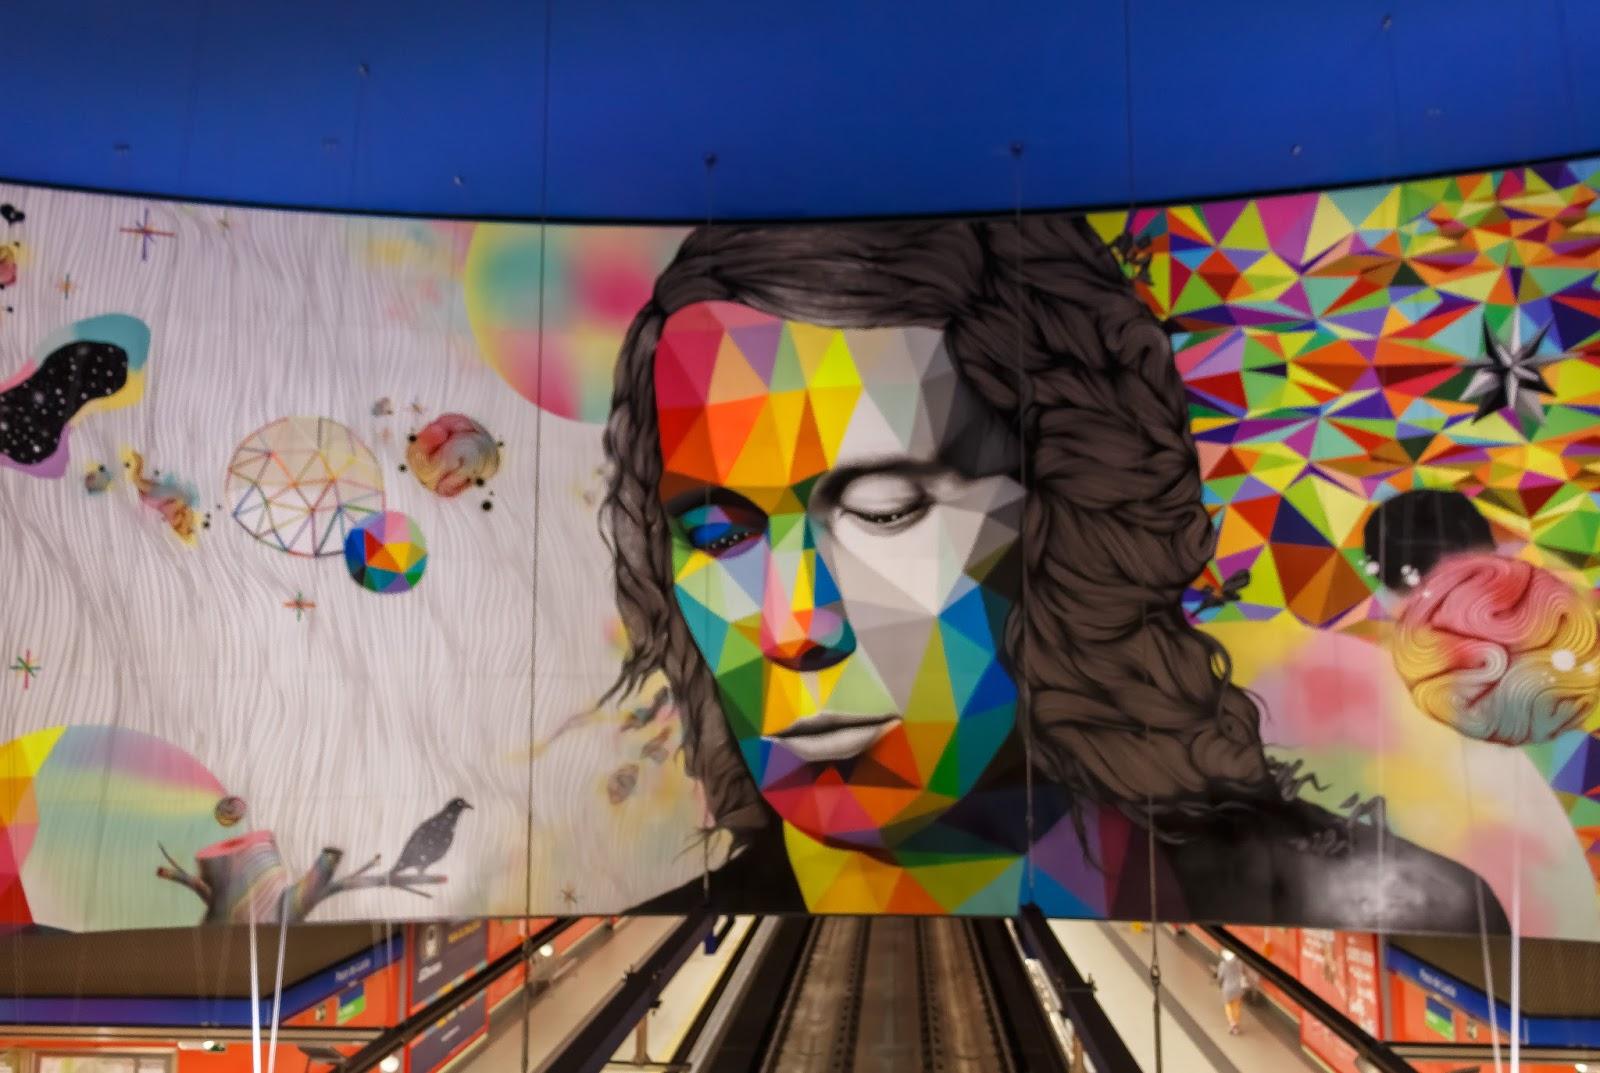 Las Imagenes Que Yo Veo Arte Urbano El Impresionante Mural